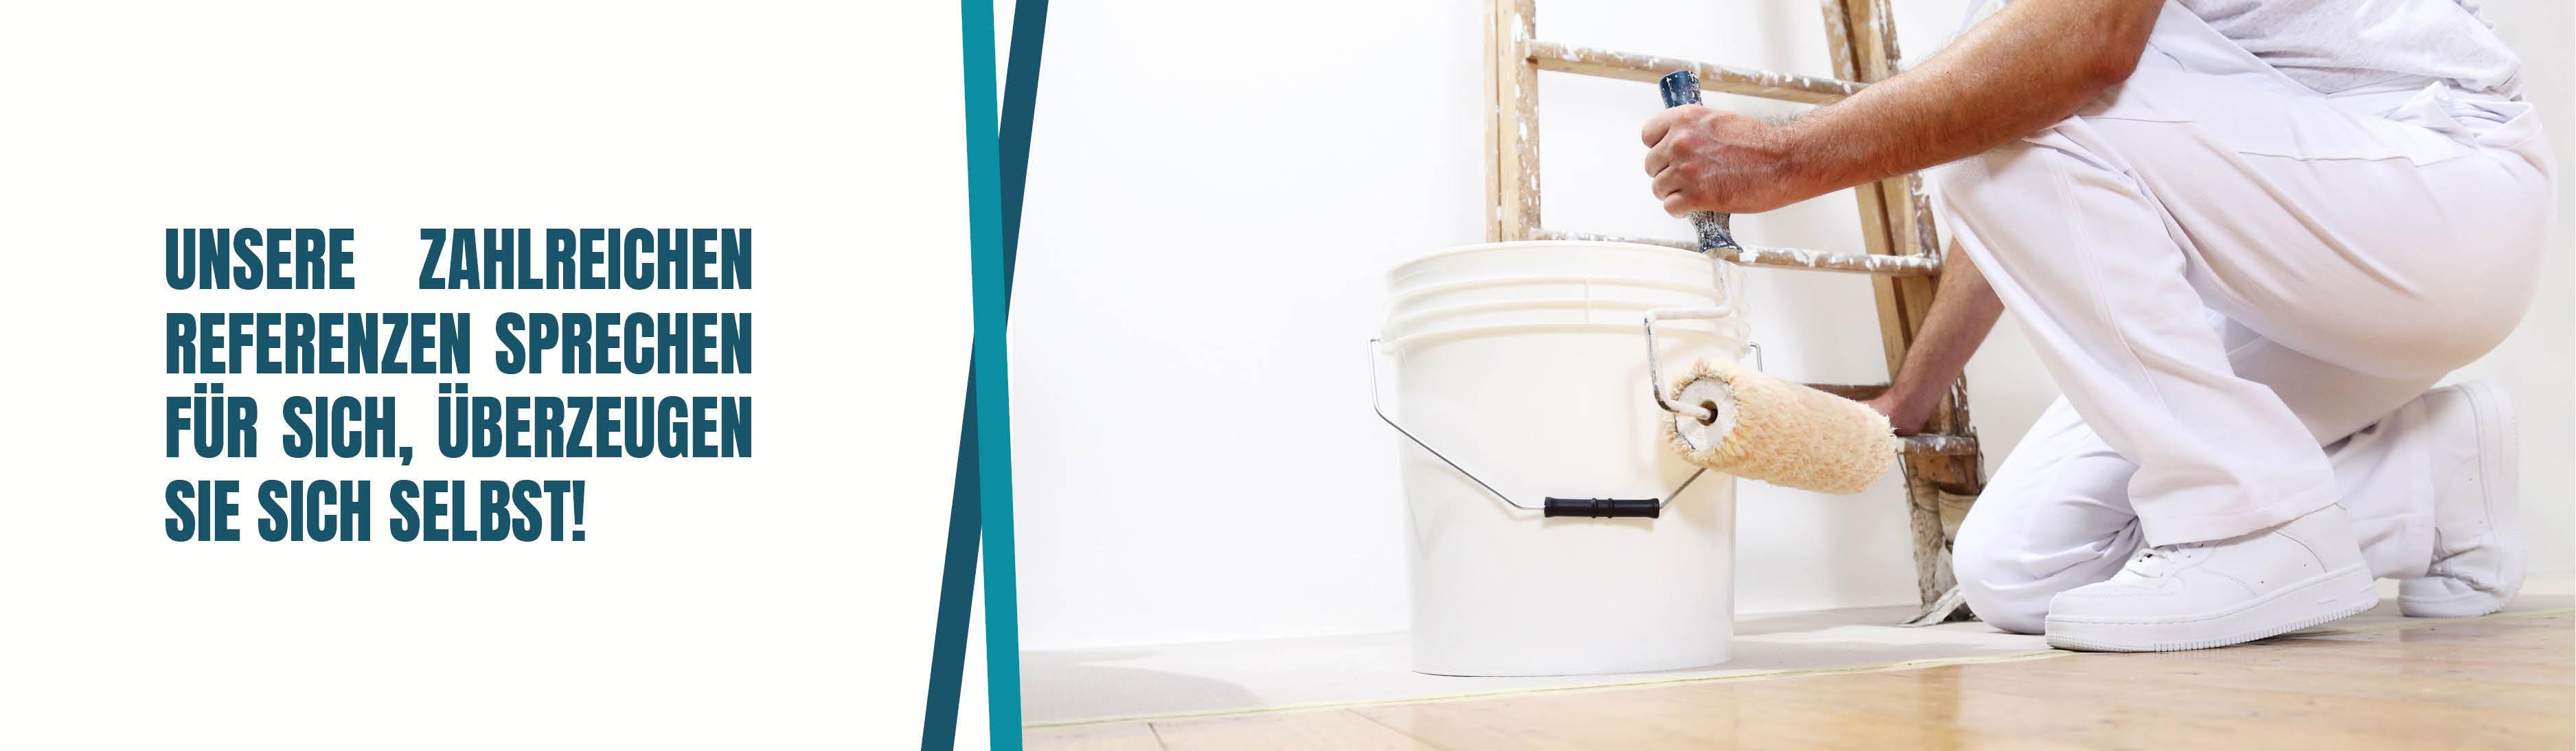 Pilz Algenbefall Putzfassaden Dachuntersicht schöne Fassade  individuell beraten WÄRMEDÄMMUNG Alt- und Neubauten Energieverbrauch  optimale Wärmedämmung Wohnräumen  verringert die Heizkosten  gesundes Raumklima. SCHUTZANSTRICHE Lackierarbeiten  Maler- und Anstreicher Innen- oder Außenbereich Heizkörper Treppen Türen Fenster Zäune Brandschutzanstiche  Blockhäuser  Lacksystemen  wasserlöslicher und lösemittelhaltiger Basis ANSTRICH AUF HOLZ Holzoberfläche Innenbereich Erstanstrich